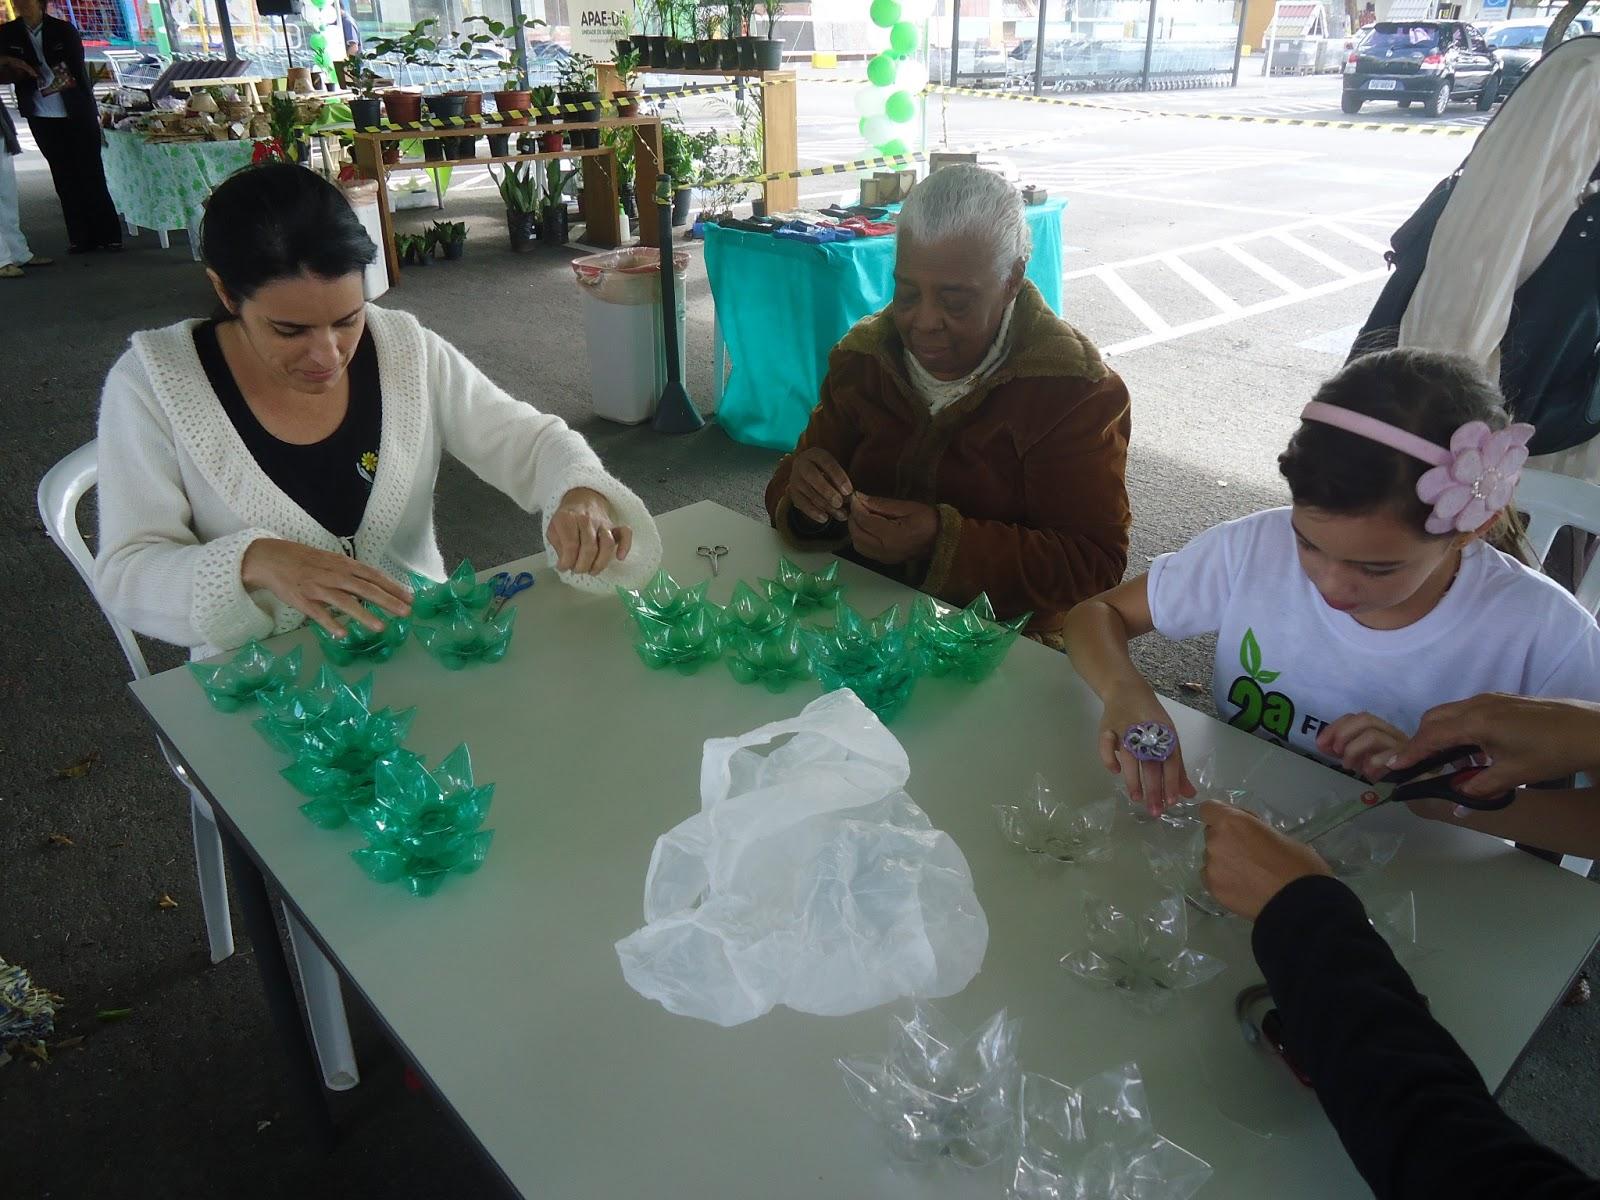 Reciclarte exposi o e oficinas na ii feira de for Leroy merlin oficinas